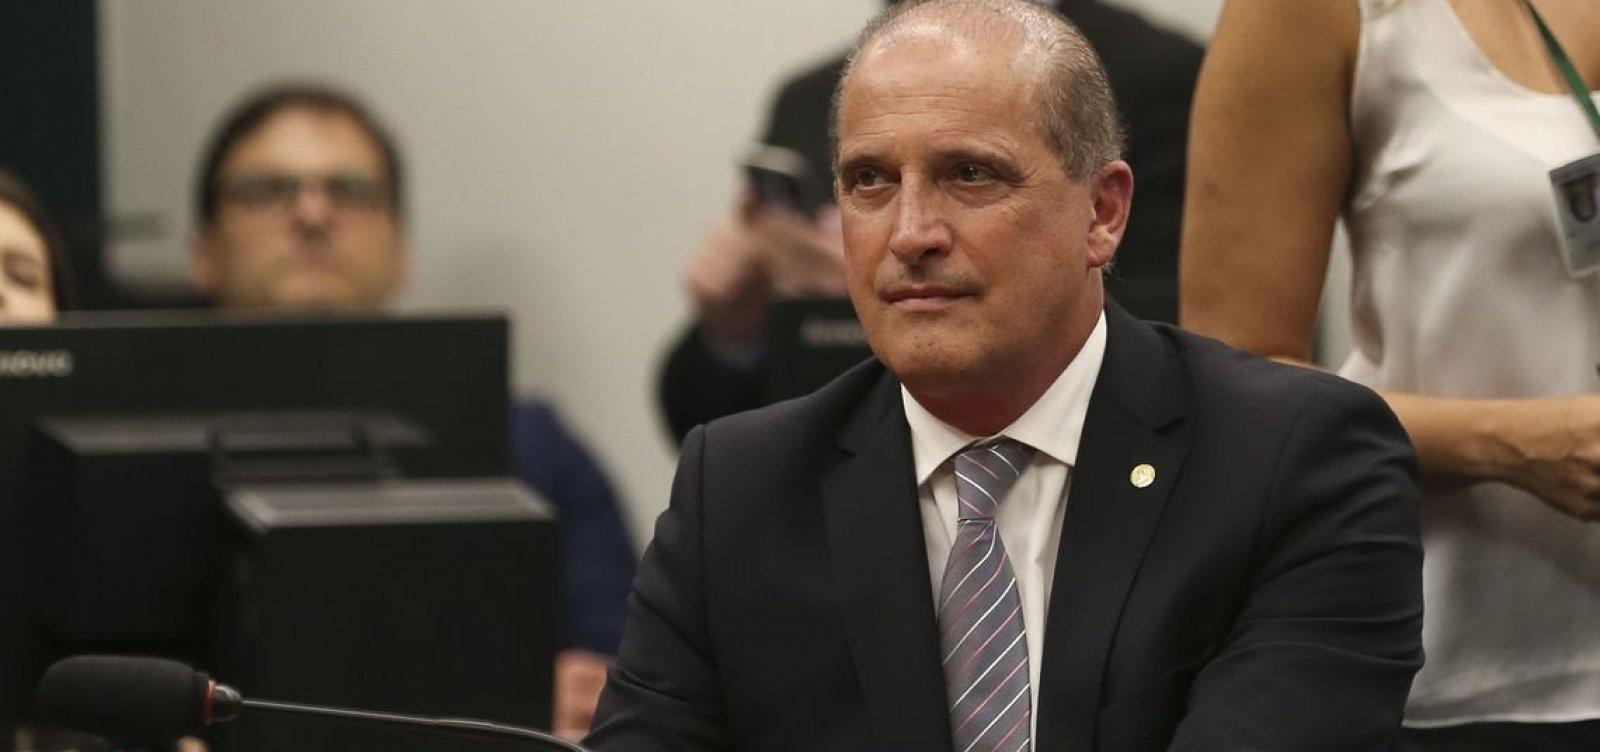 [Governo dará R$ 40 mi em emendas a cada deputado que votar pela reforma, diz jornal]